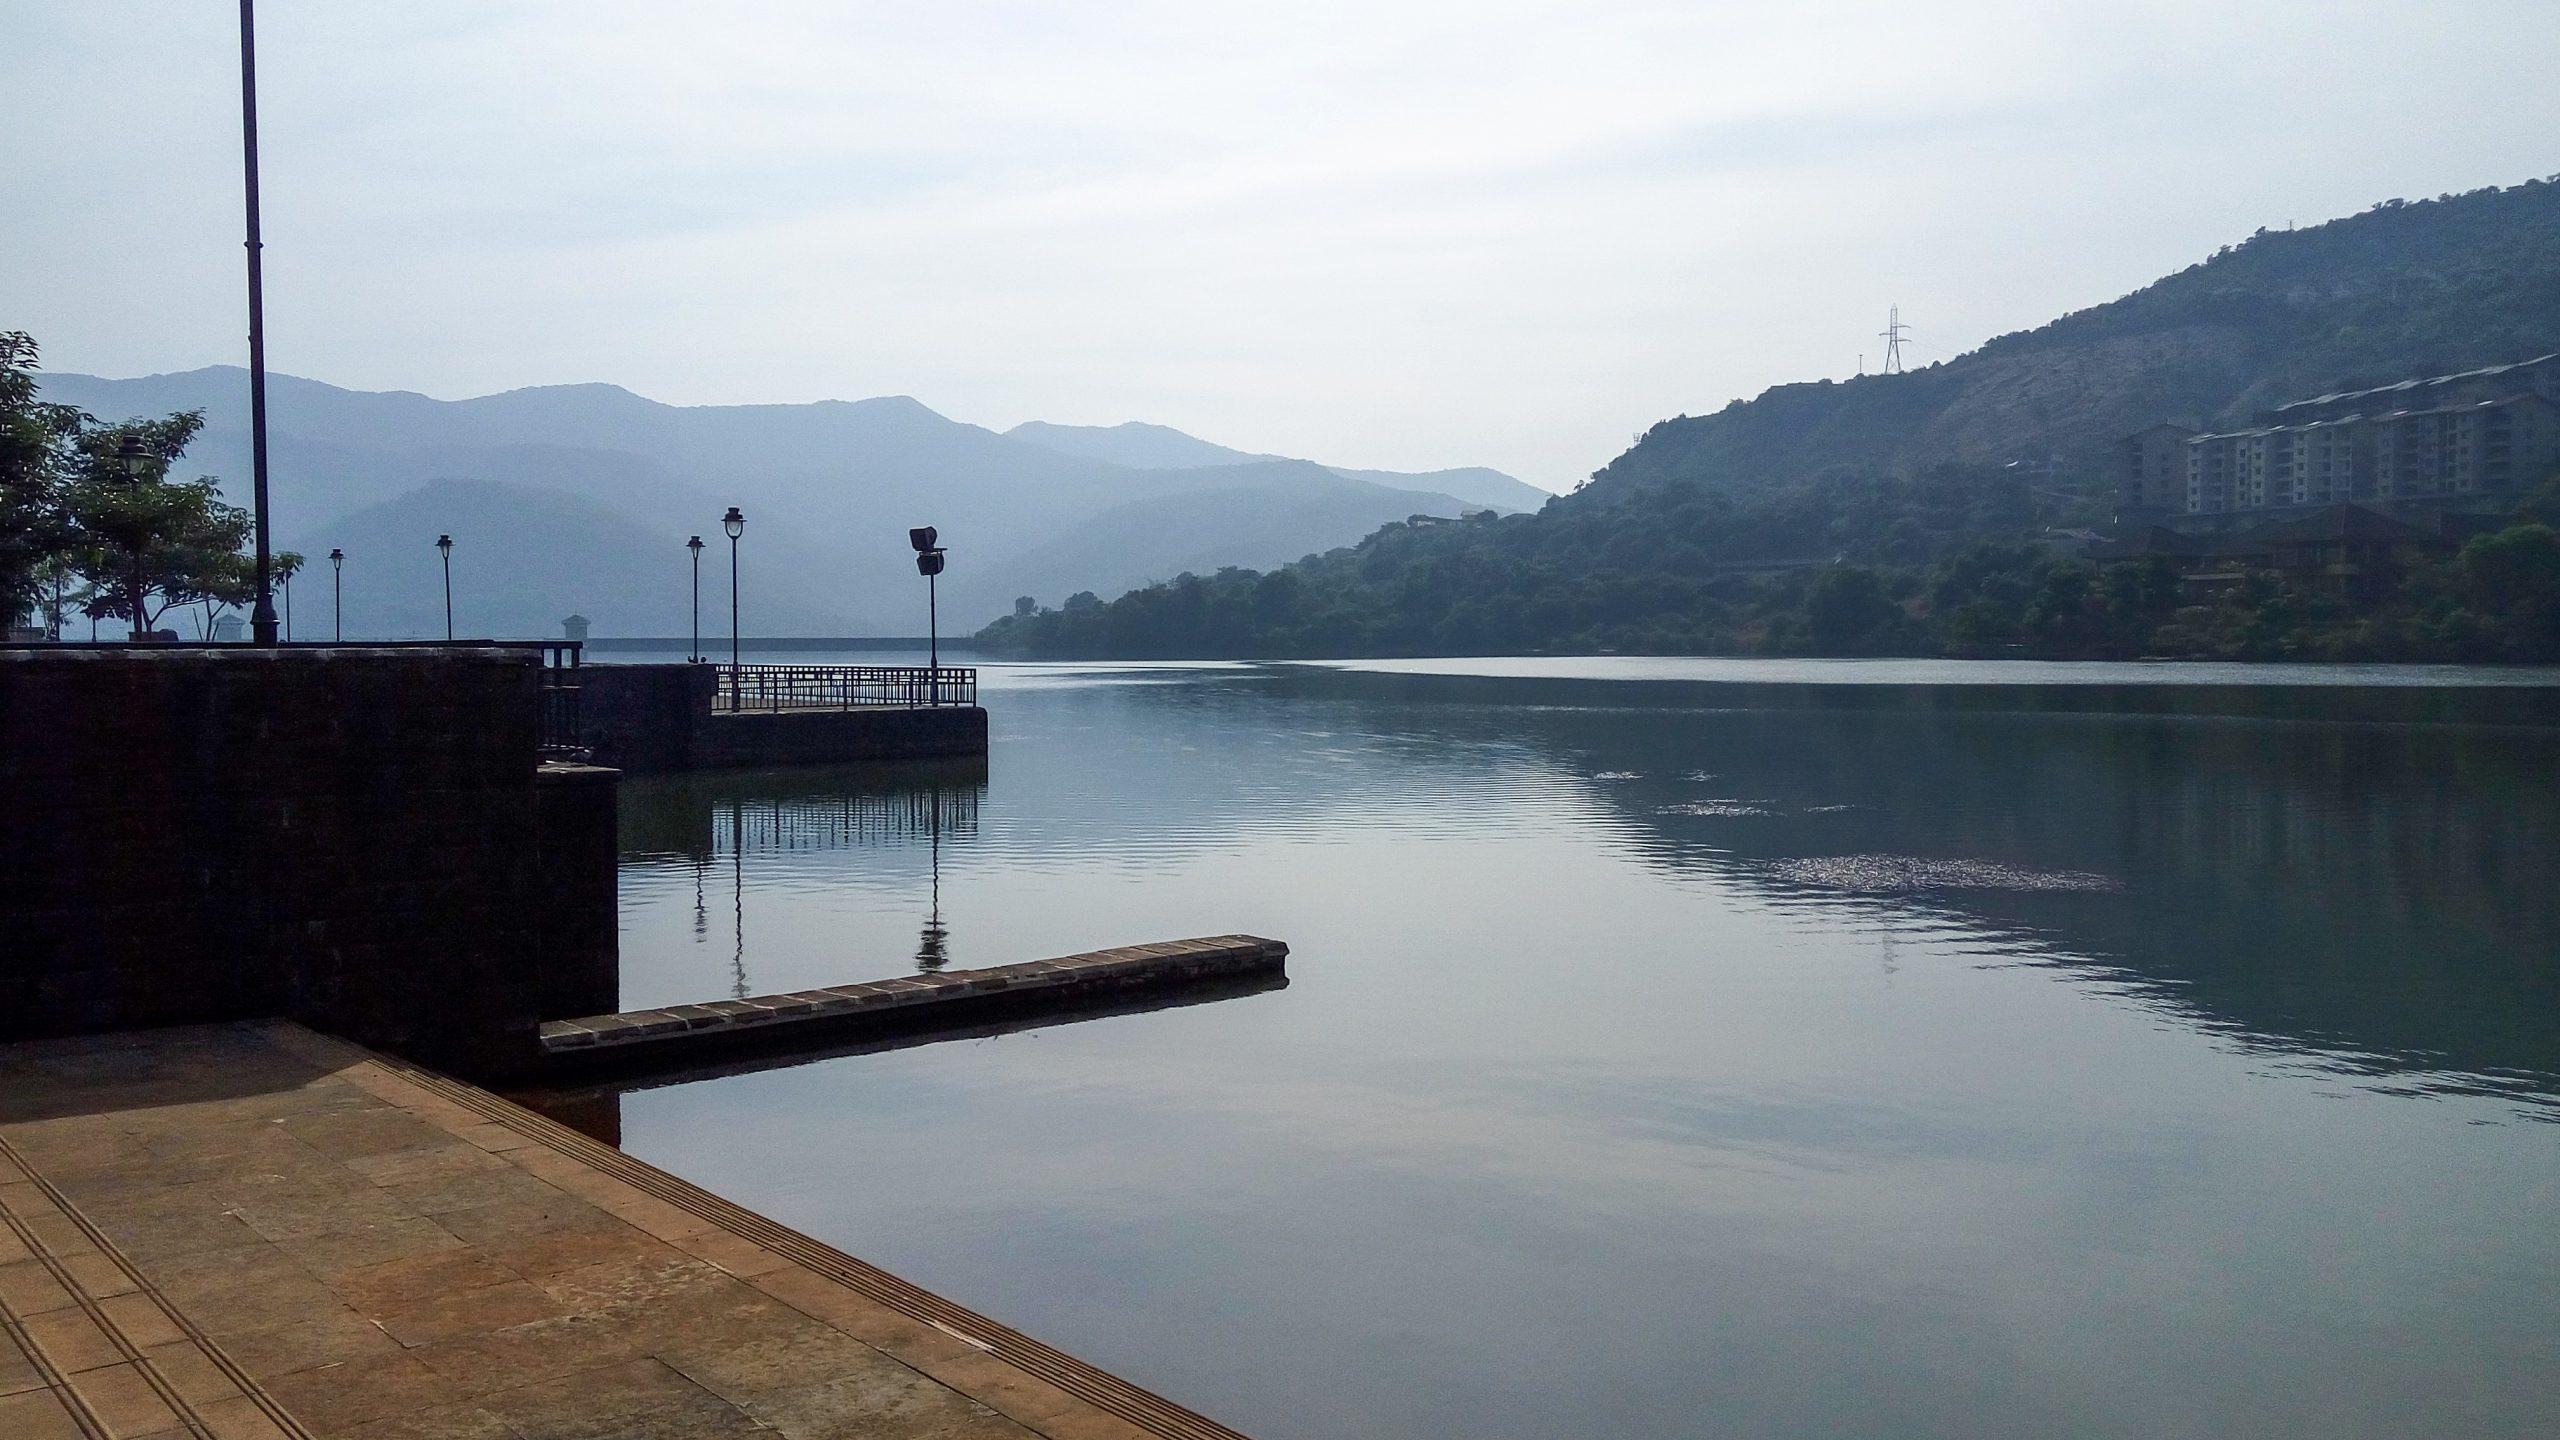 A water reservoir